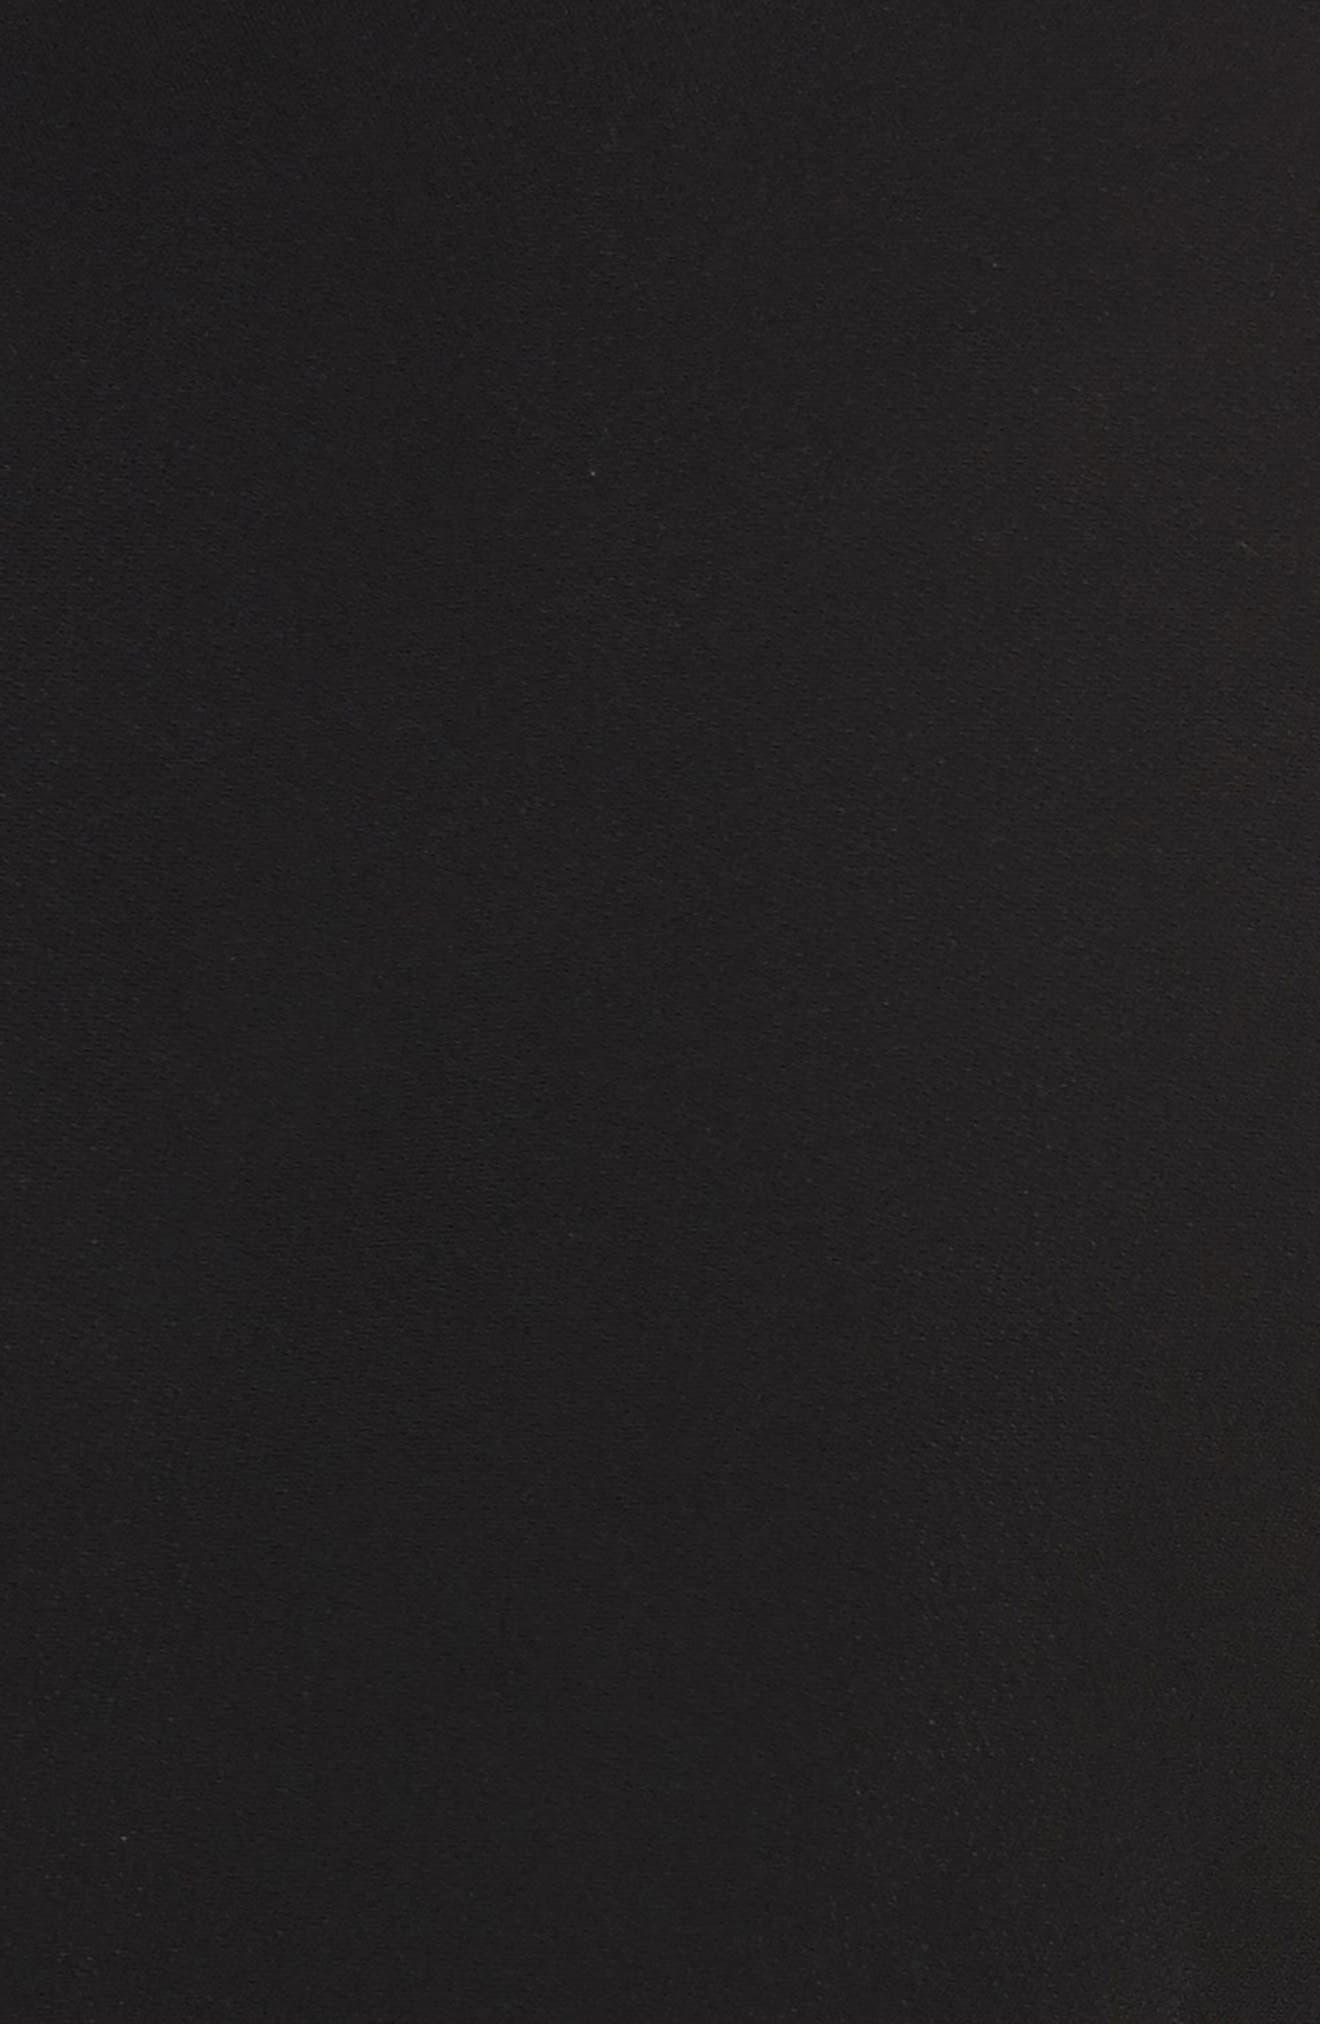 Taraji Studded Dress,                             Alternate thumbnail 5, color,                             Black